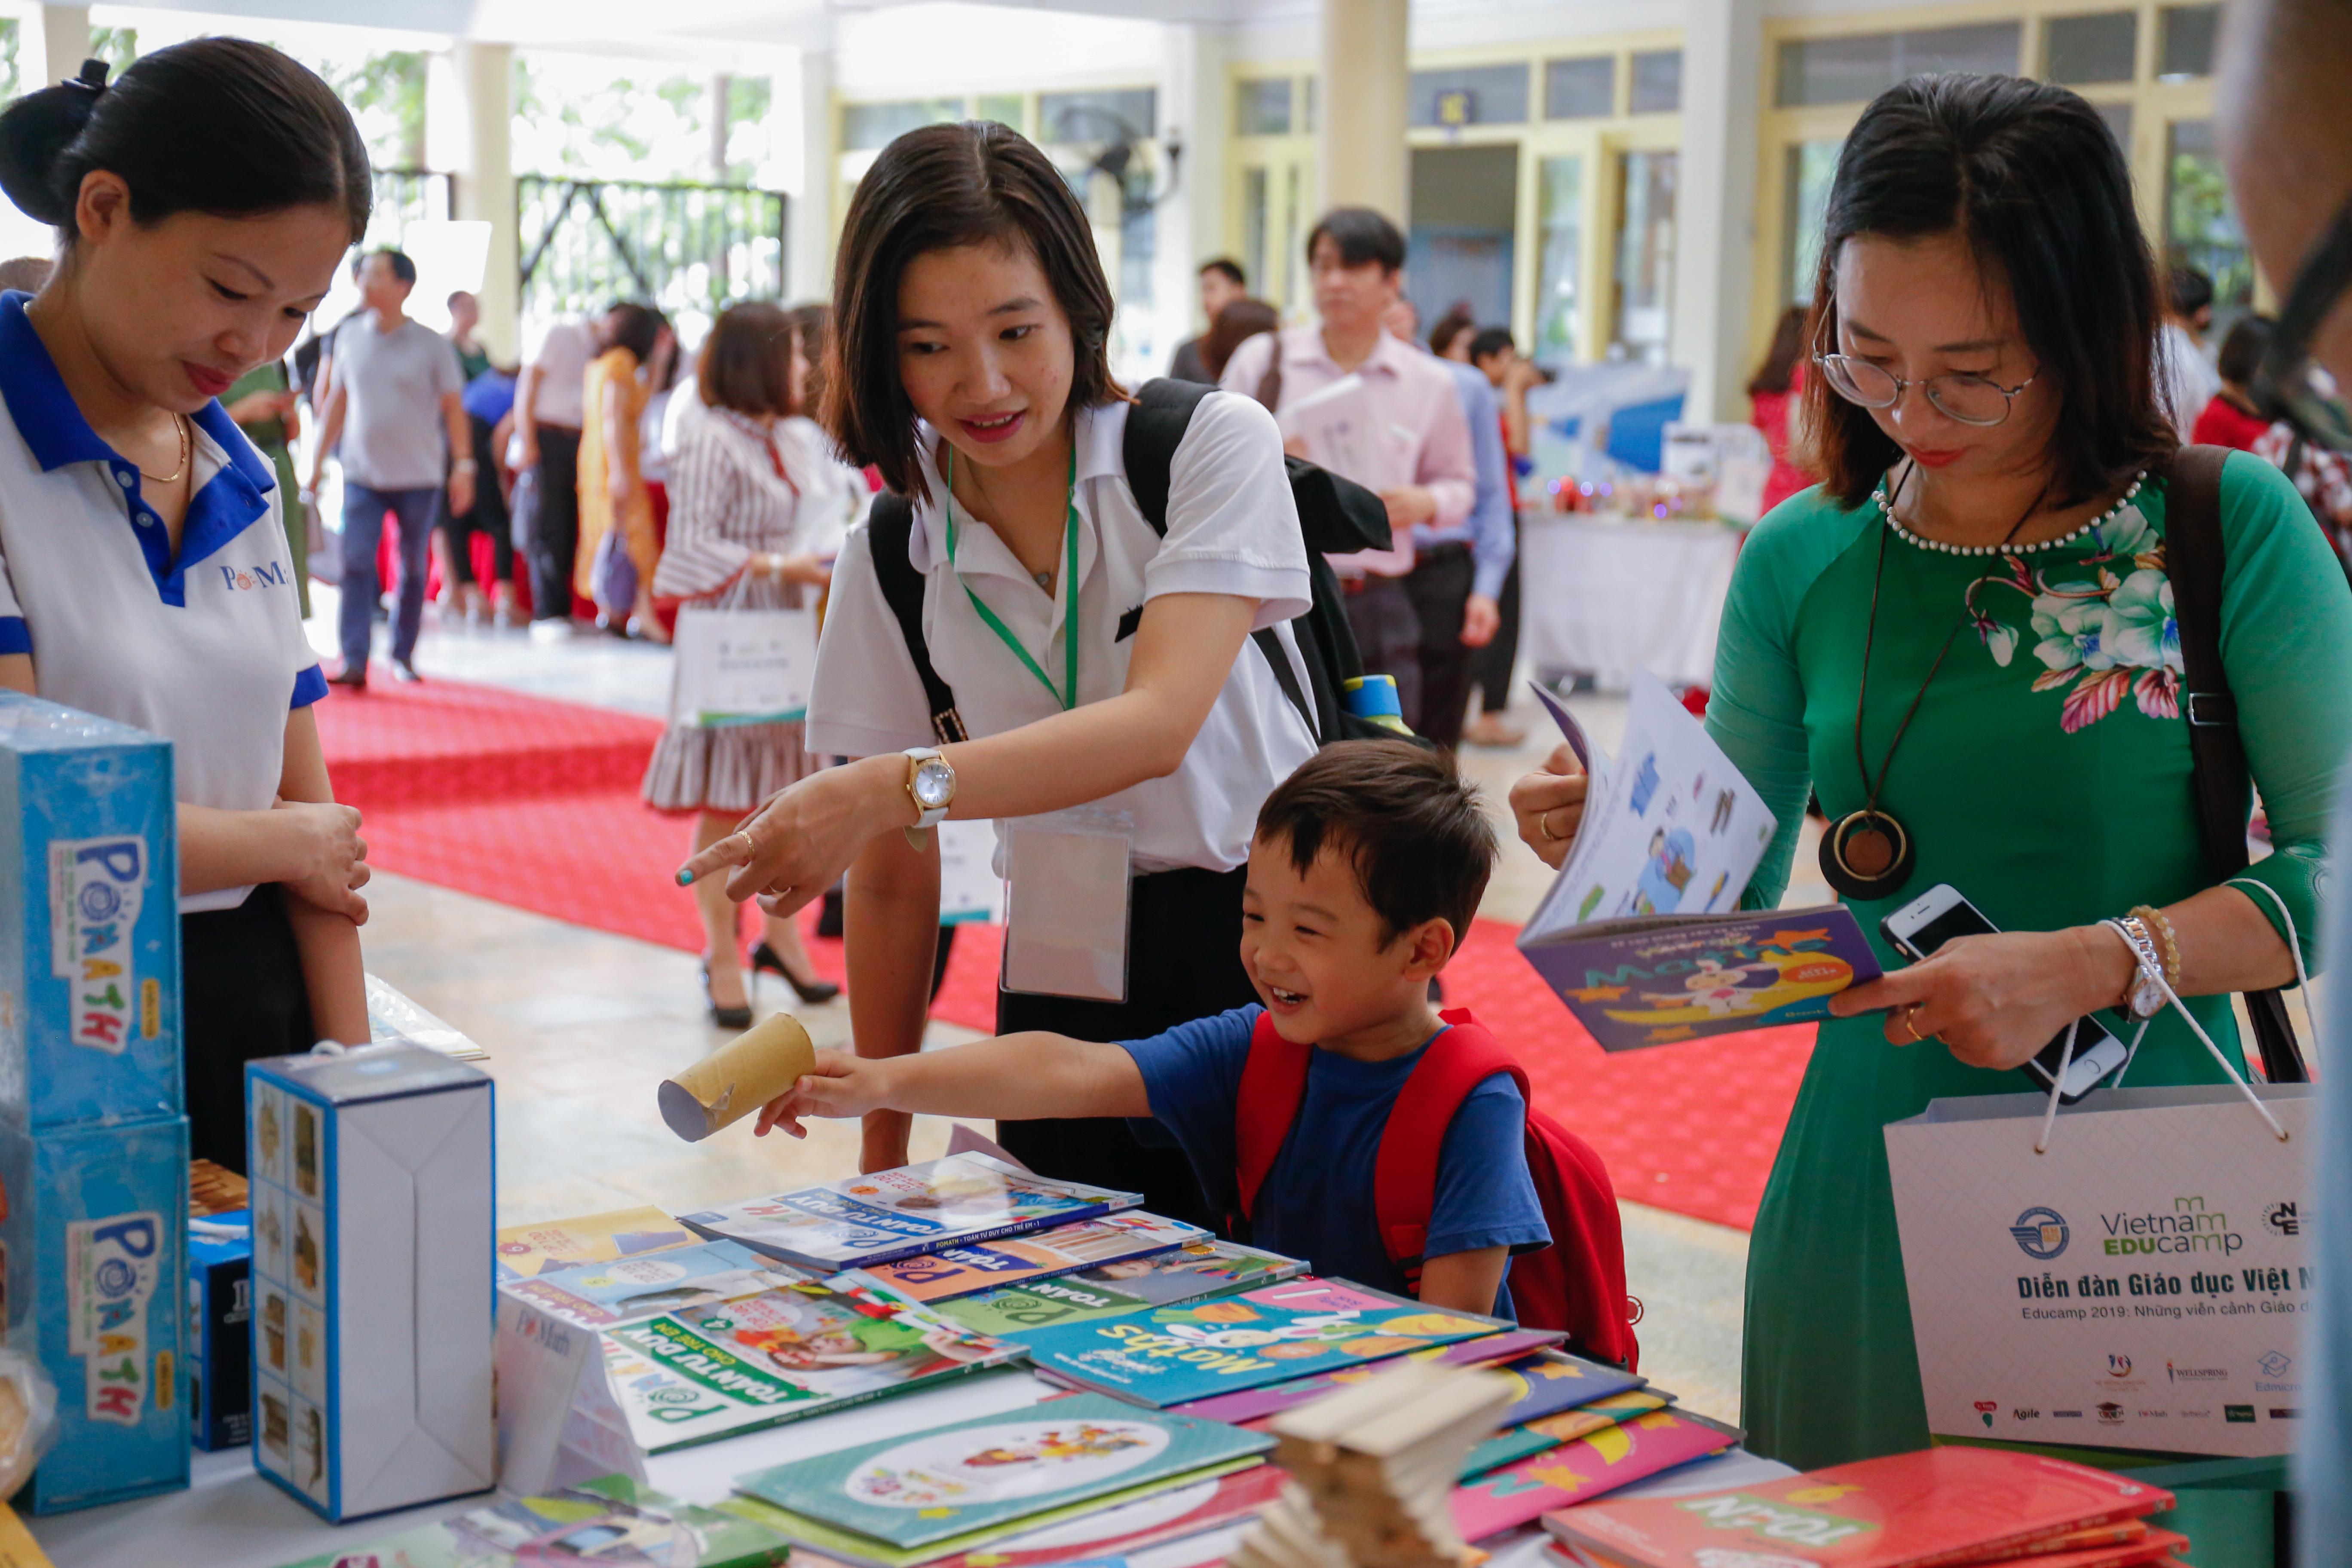 Phụ huynh, học sinh và giáo viên tham khảo sách Toán cho học sinh tiểu học tại khu vực triển lãm Vietnam Educamp 2019.